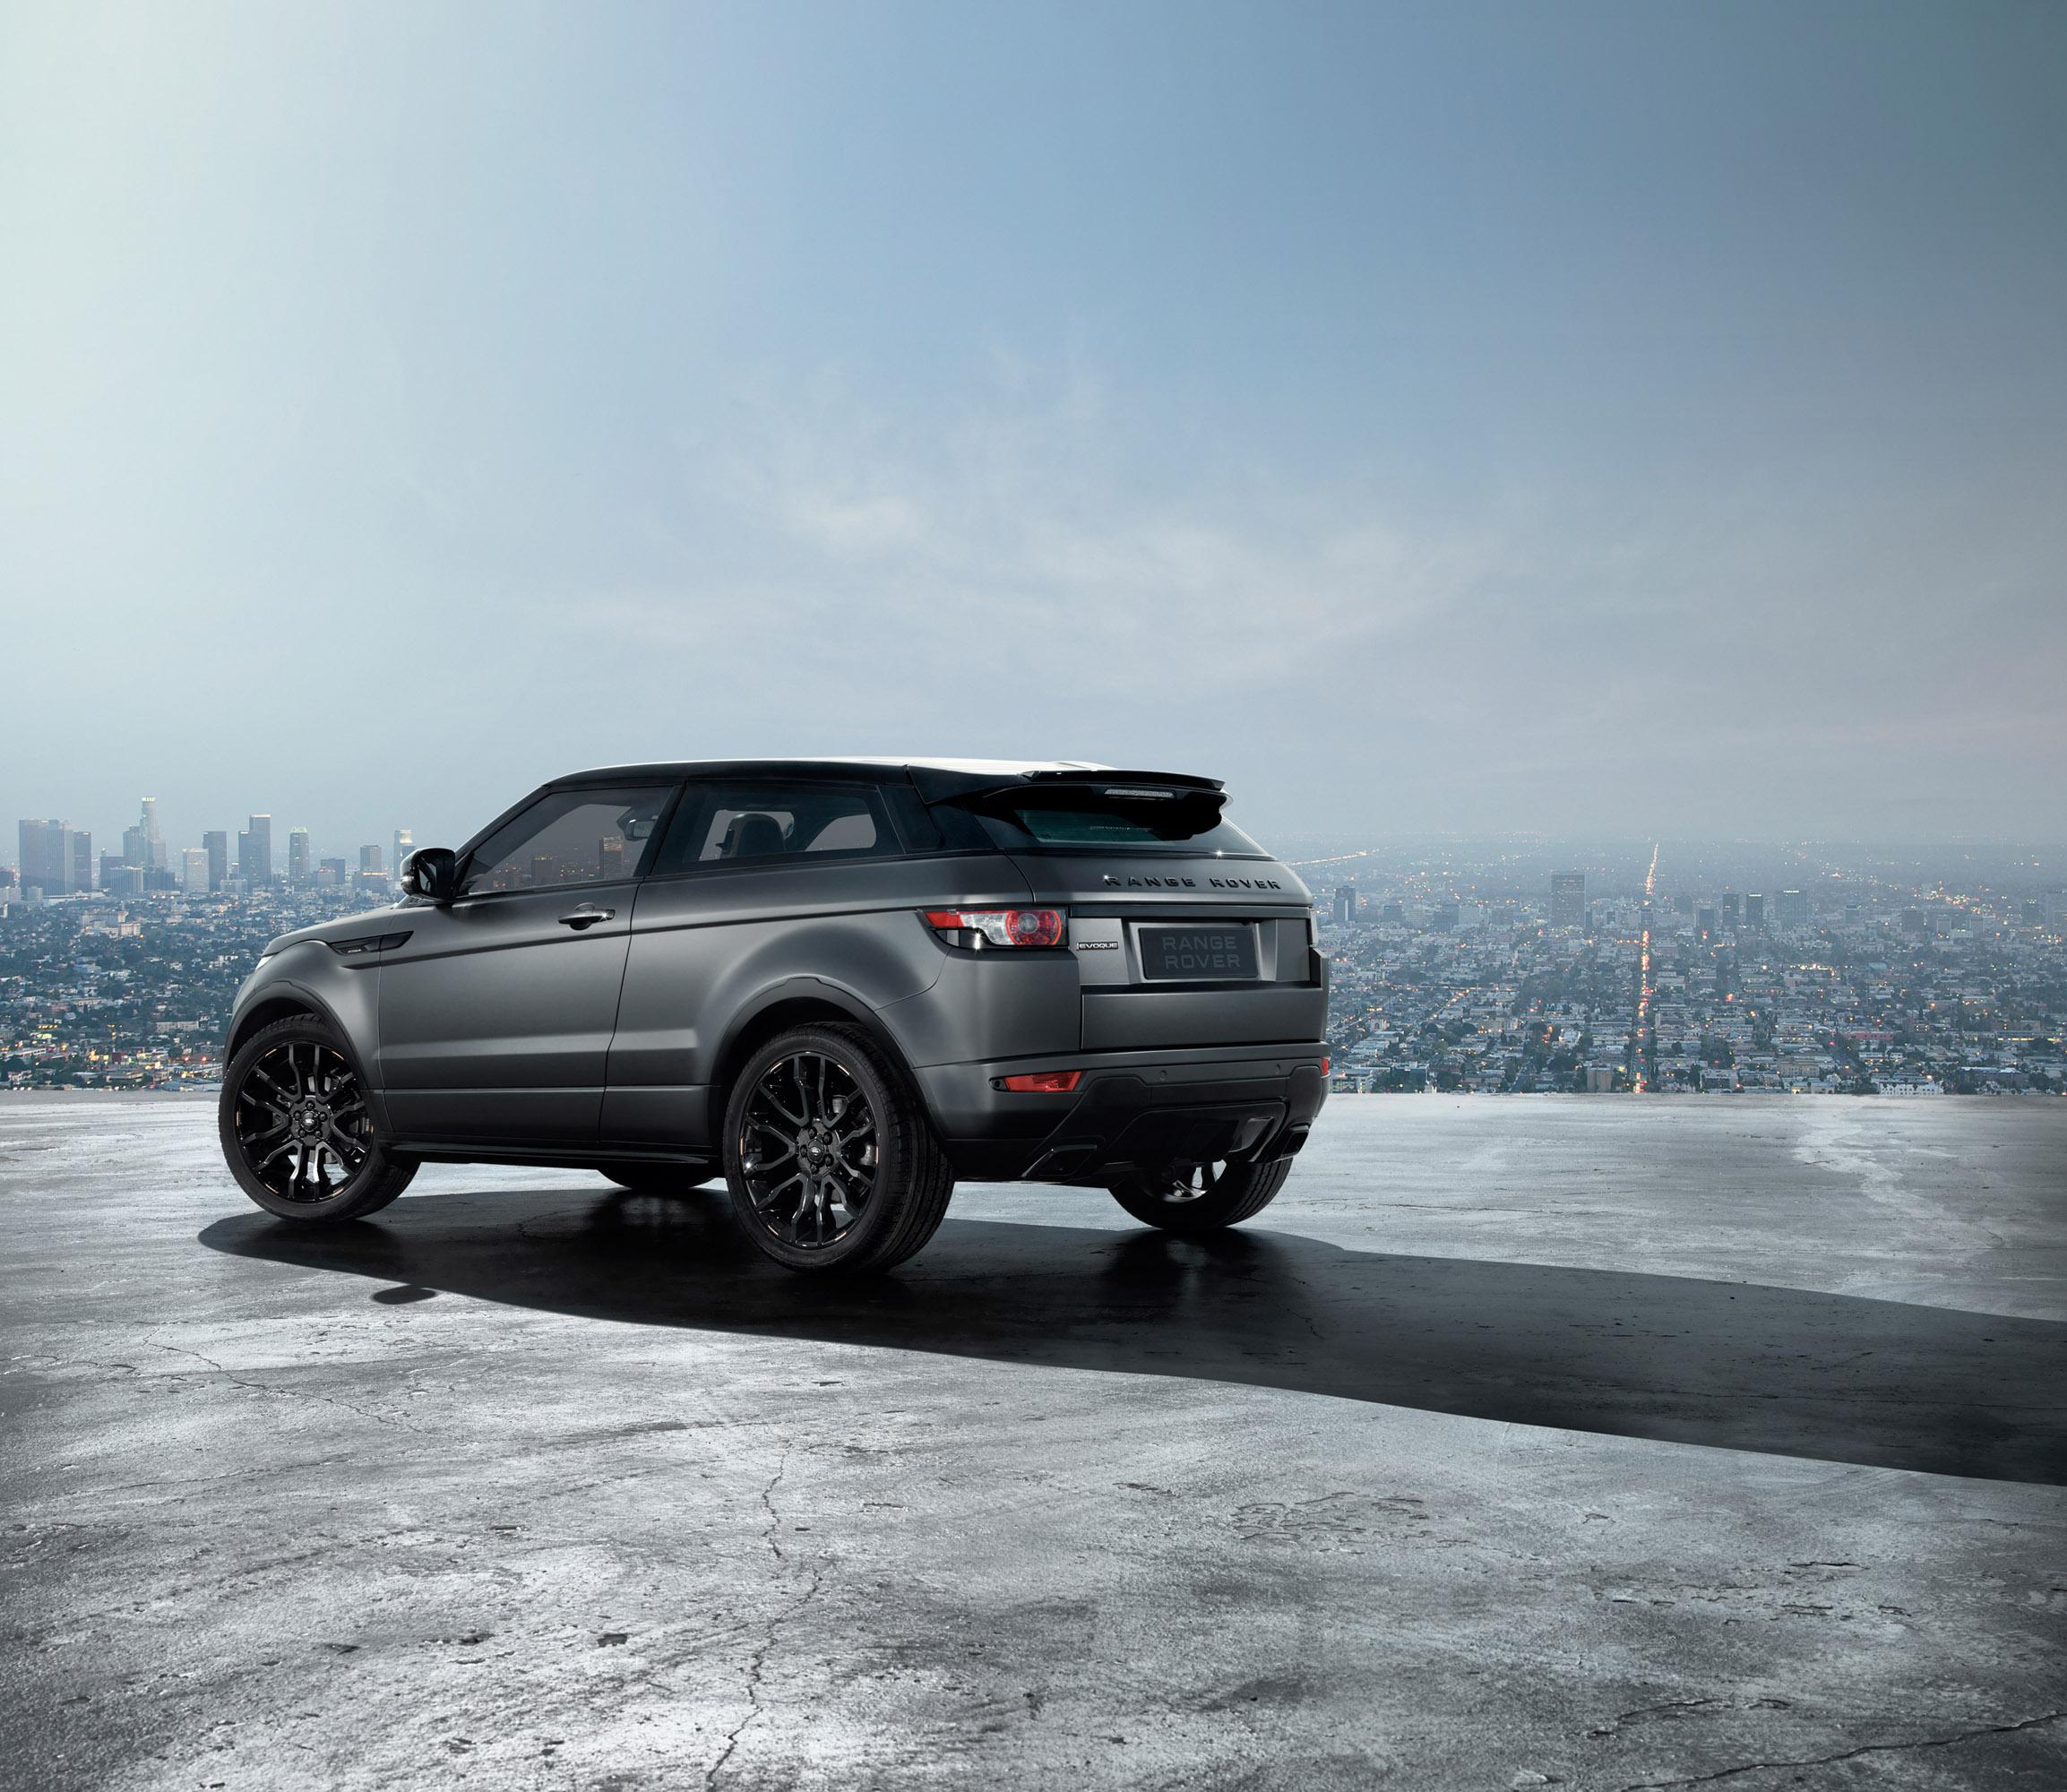 2012 Range Rover Evoque Victoria Beckham Edition